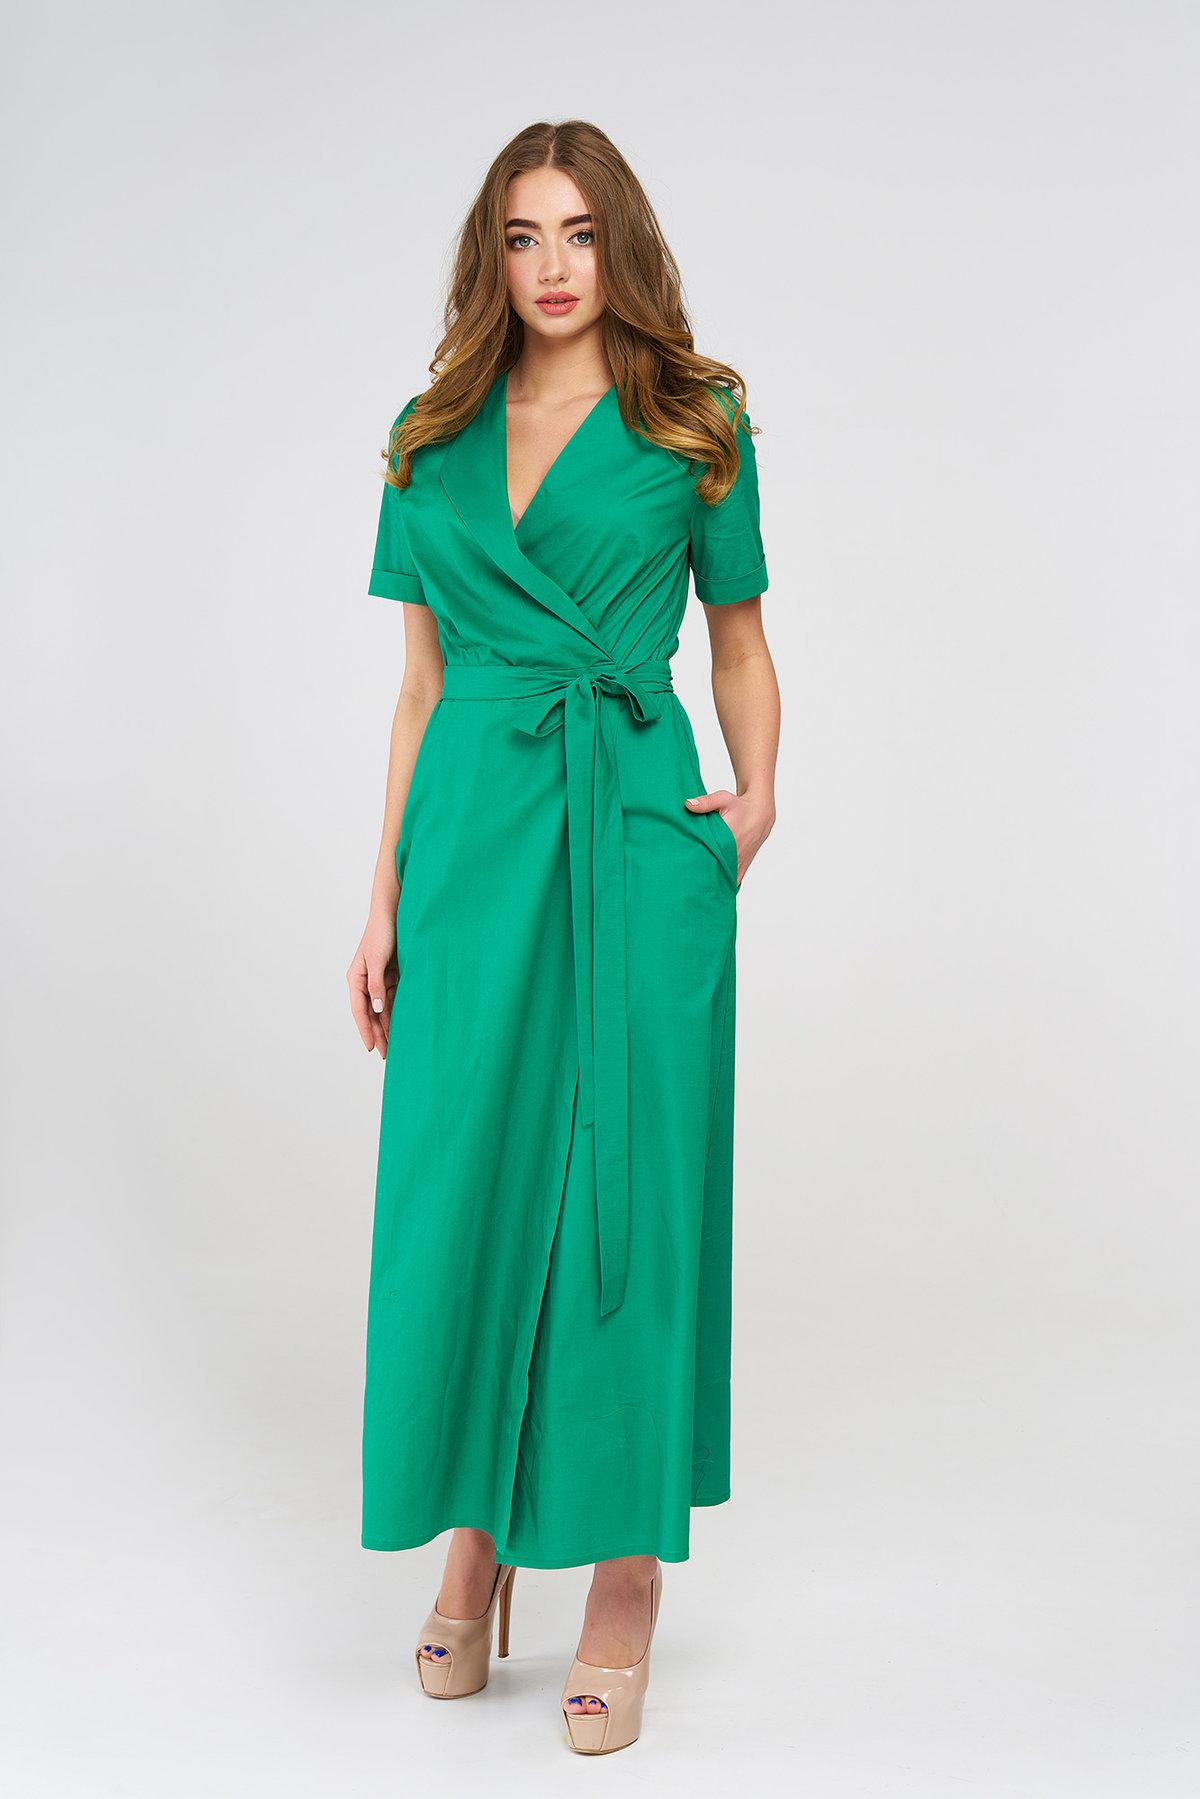 платье халат прямой фото вкусный, мягкий